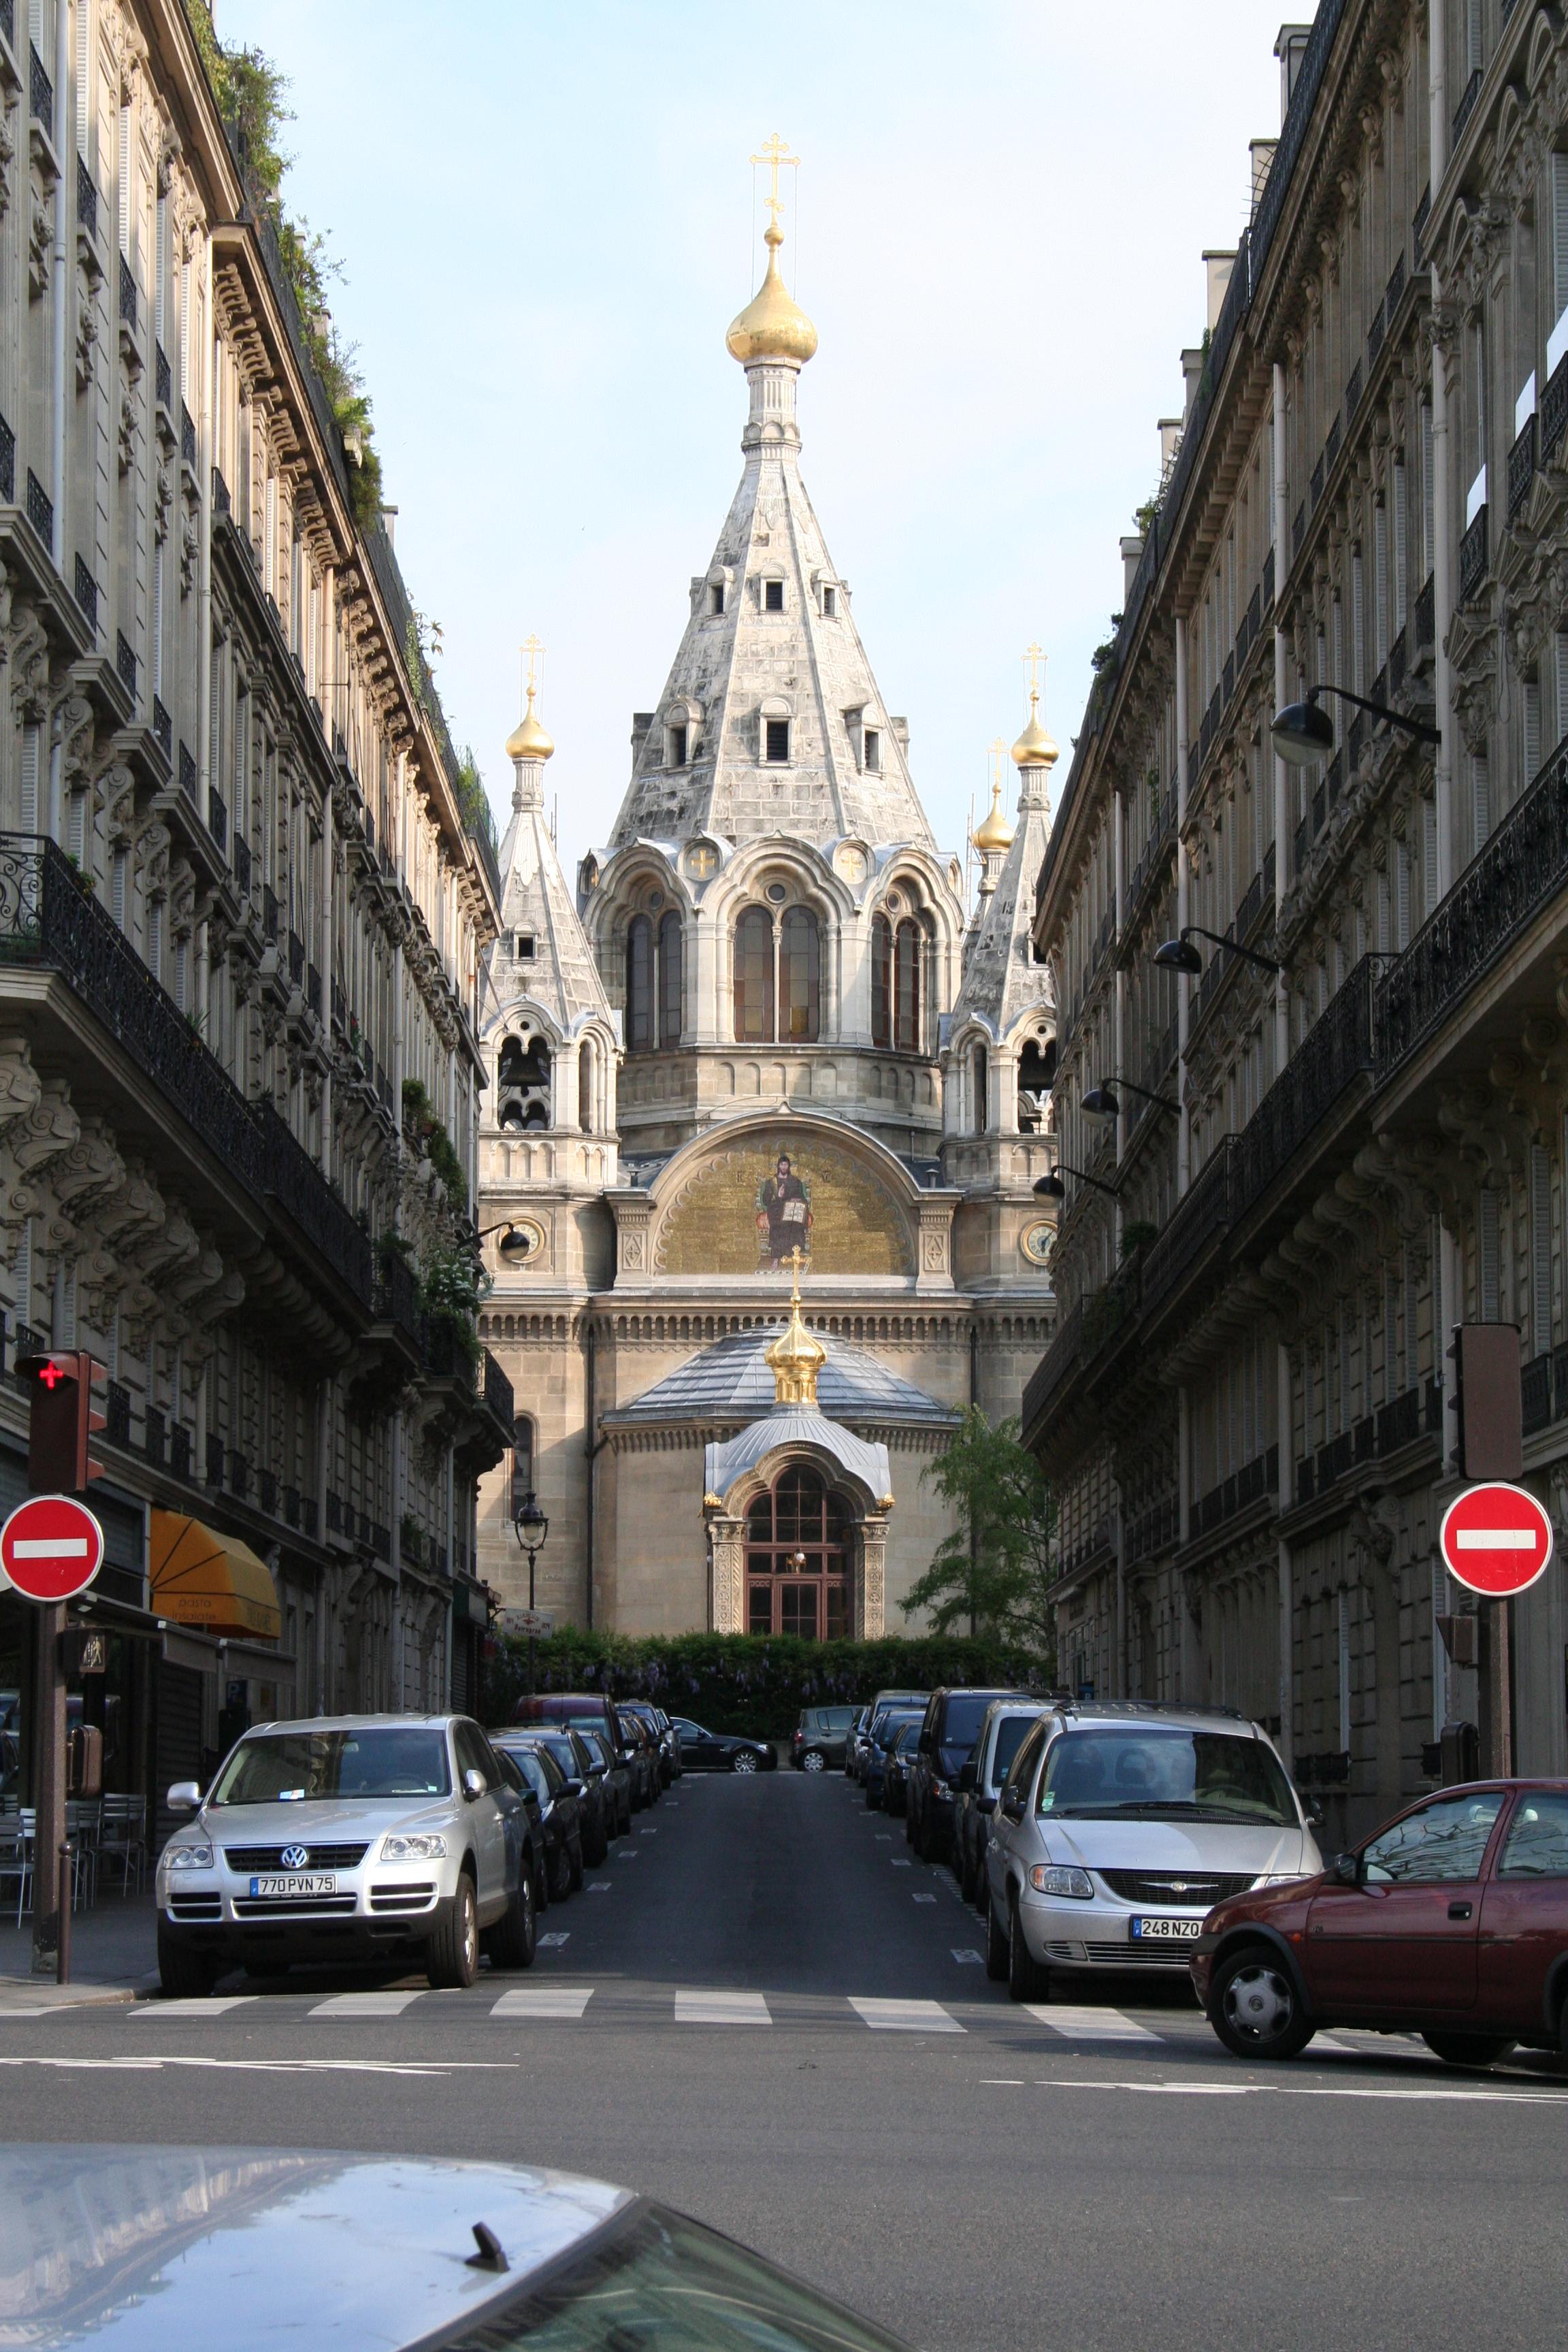 Merveilleux File:Boulevard Courcelles Paris 20060503 1